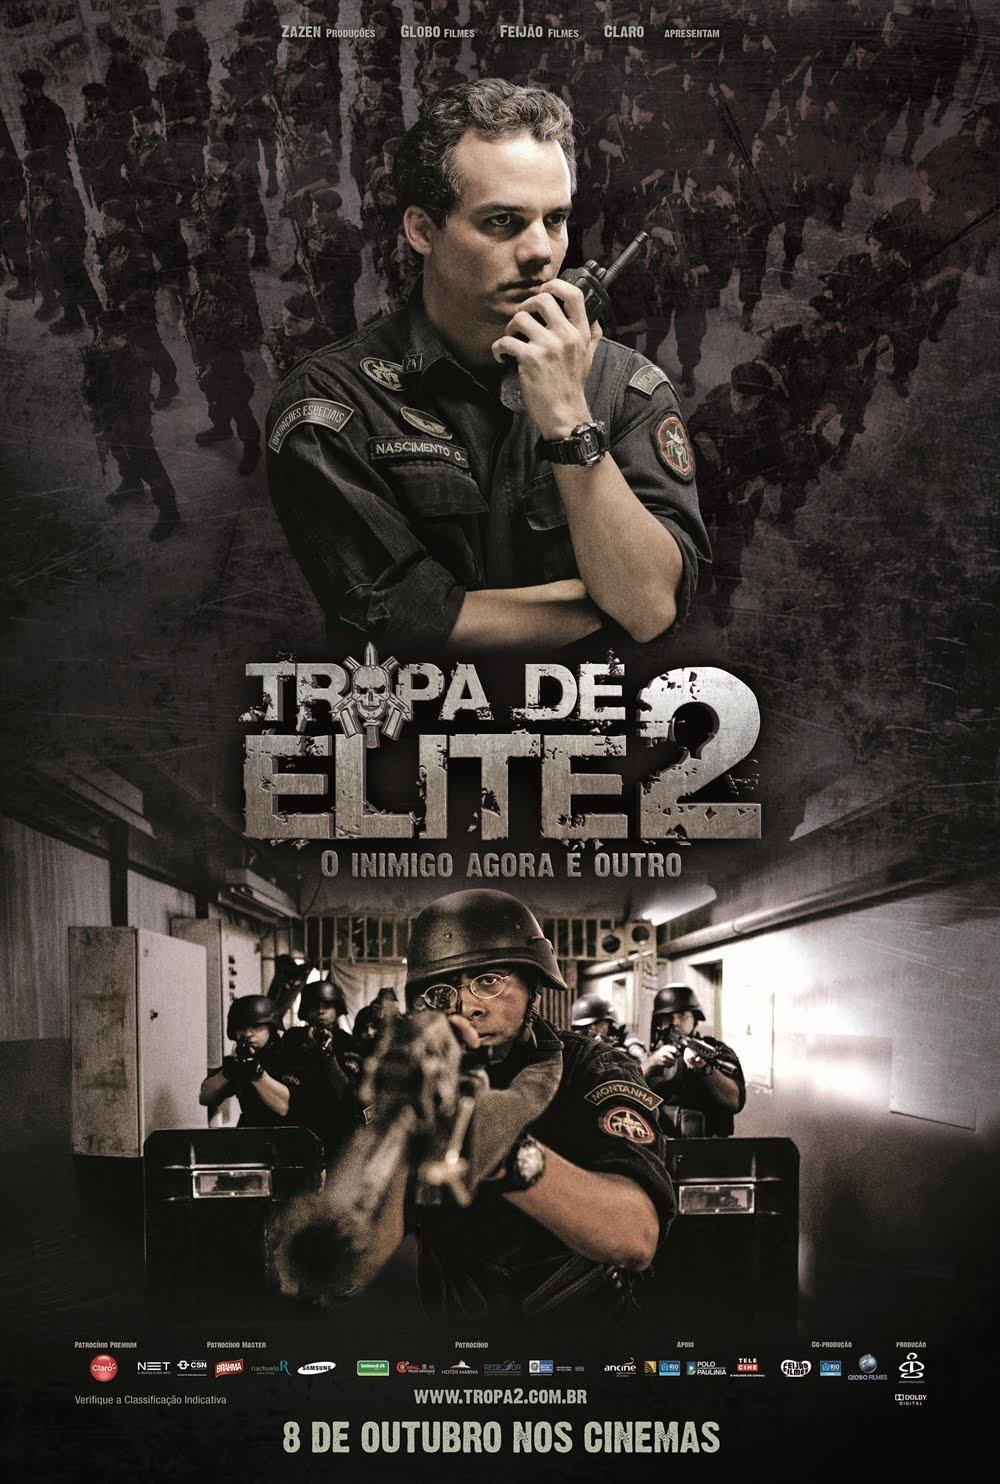 Tropa de Elite 2.- Subtitutos en Español.